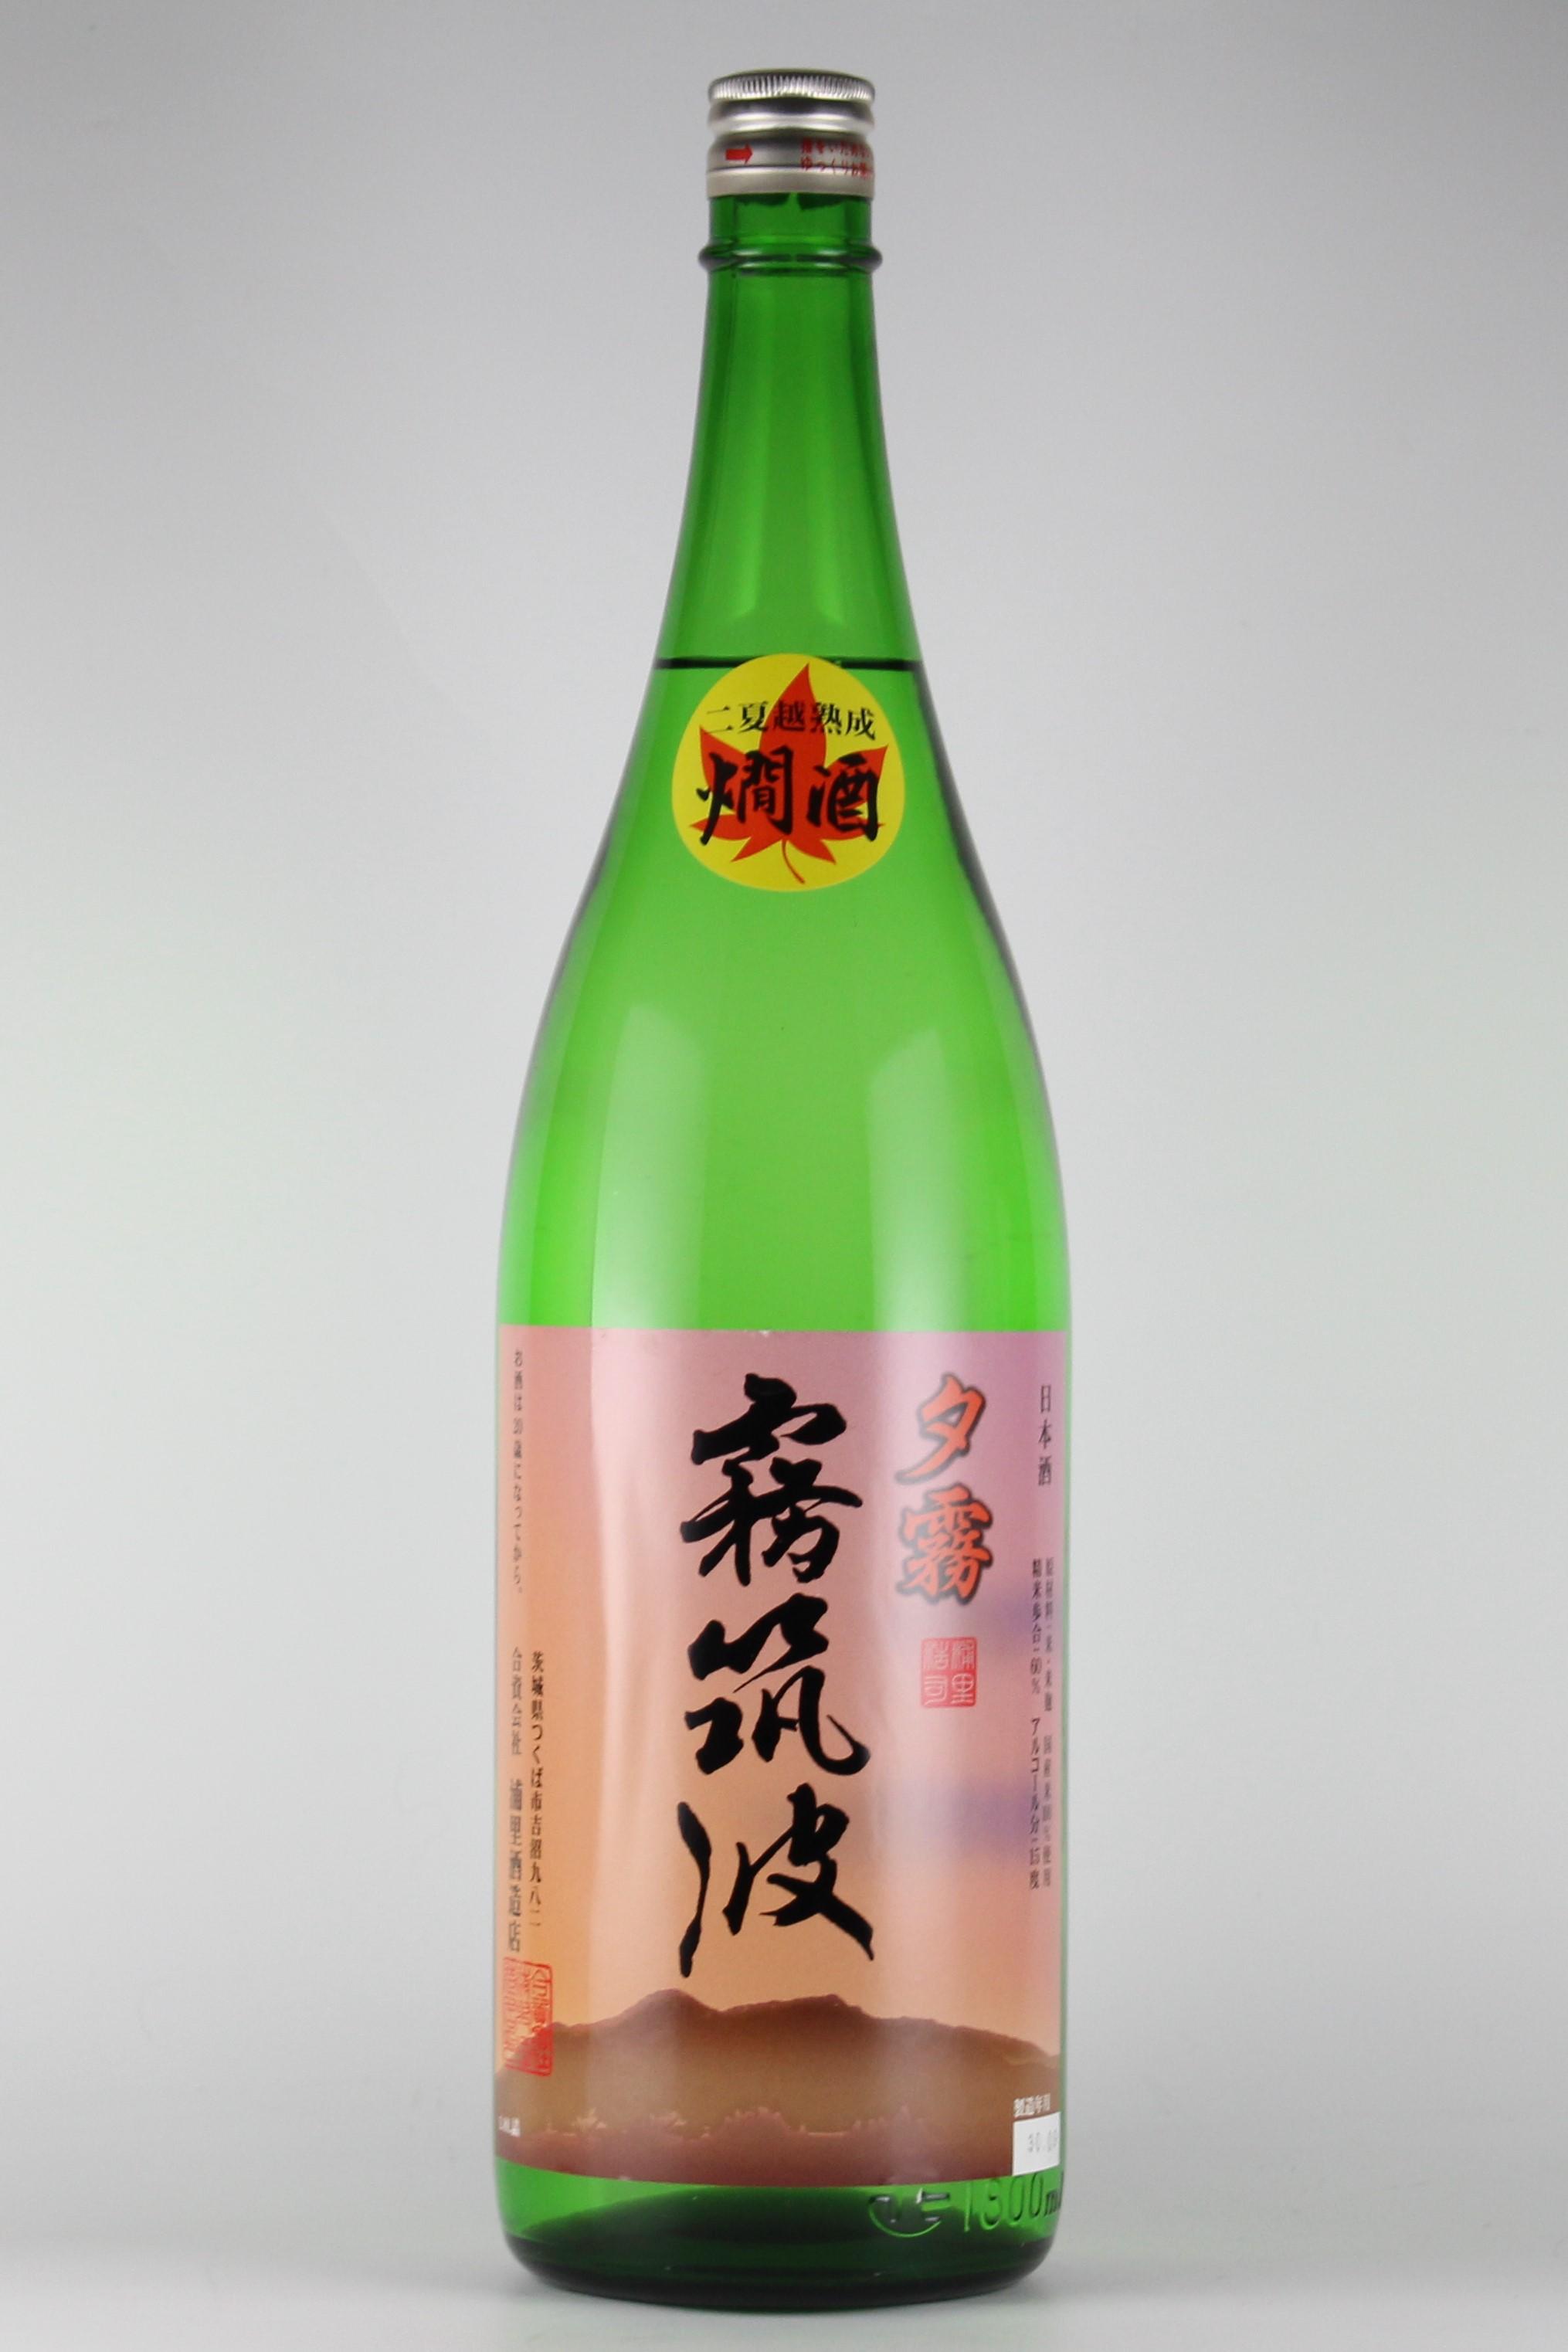 霧筑波 夕霧 純米  二夏越え熟成酒 1800ml 【茨城/浦里酒造店】